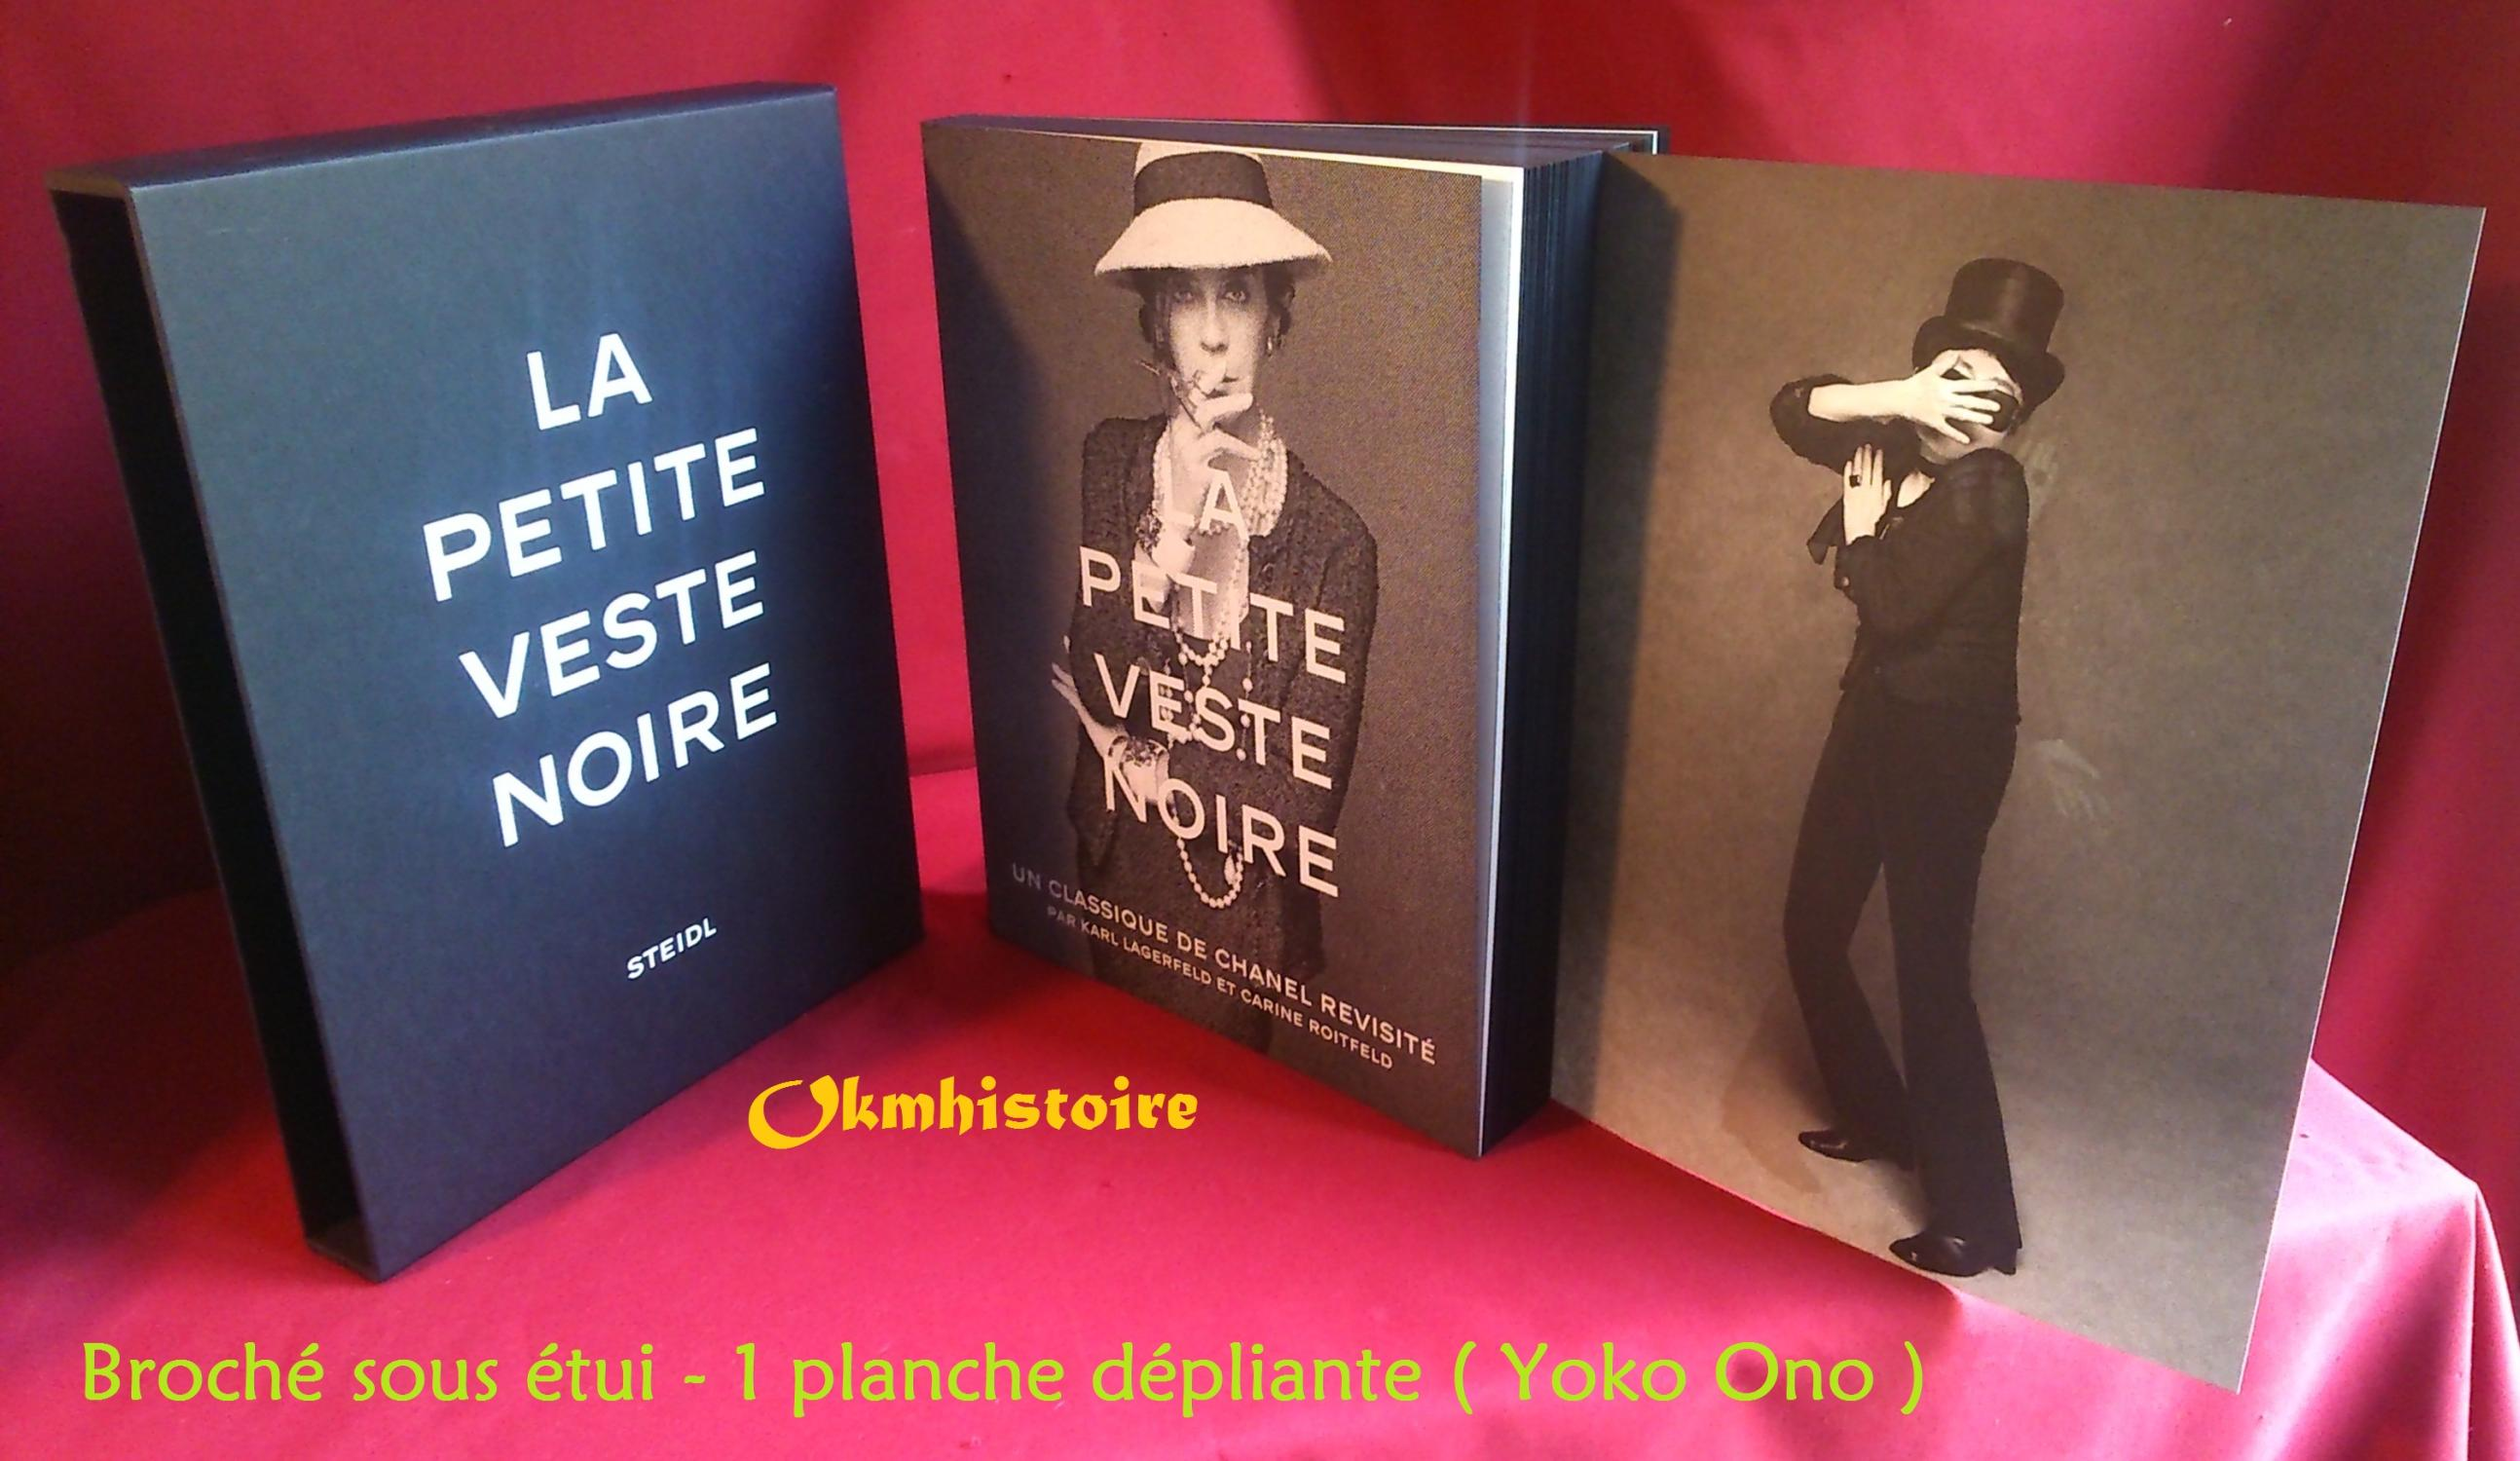 2ce9e31196e9 La petite veste noire   Un classique de Chanel revisité ------